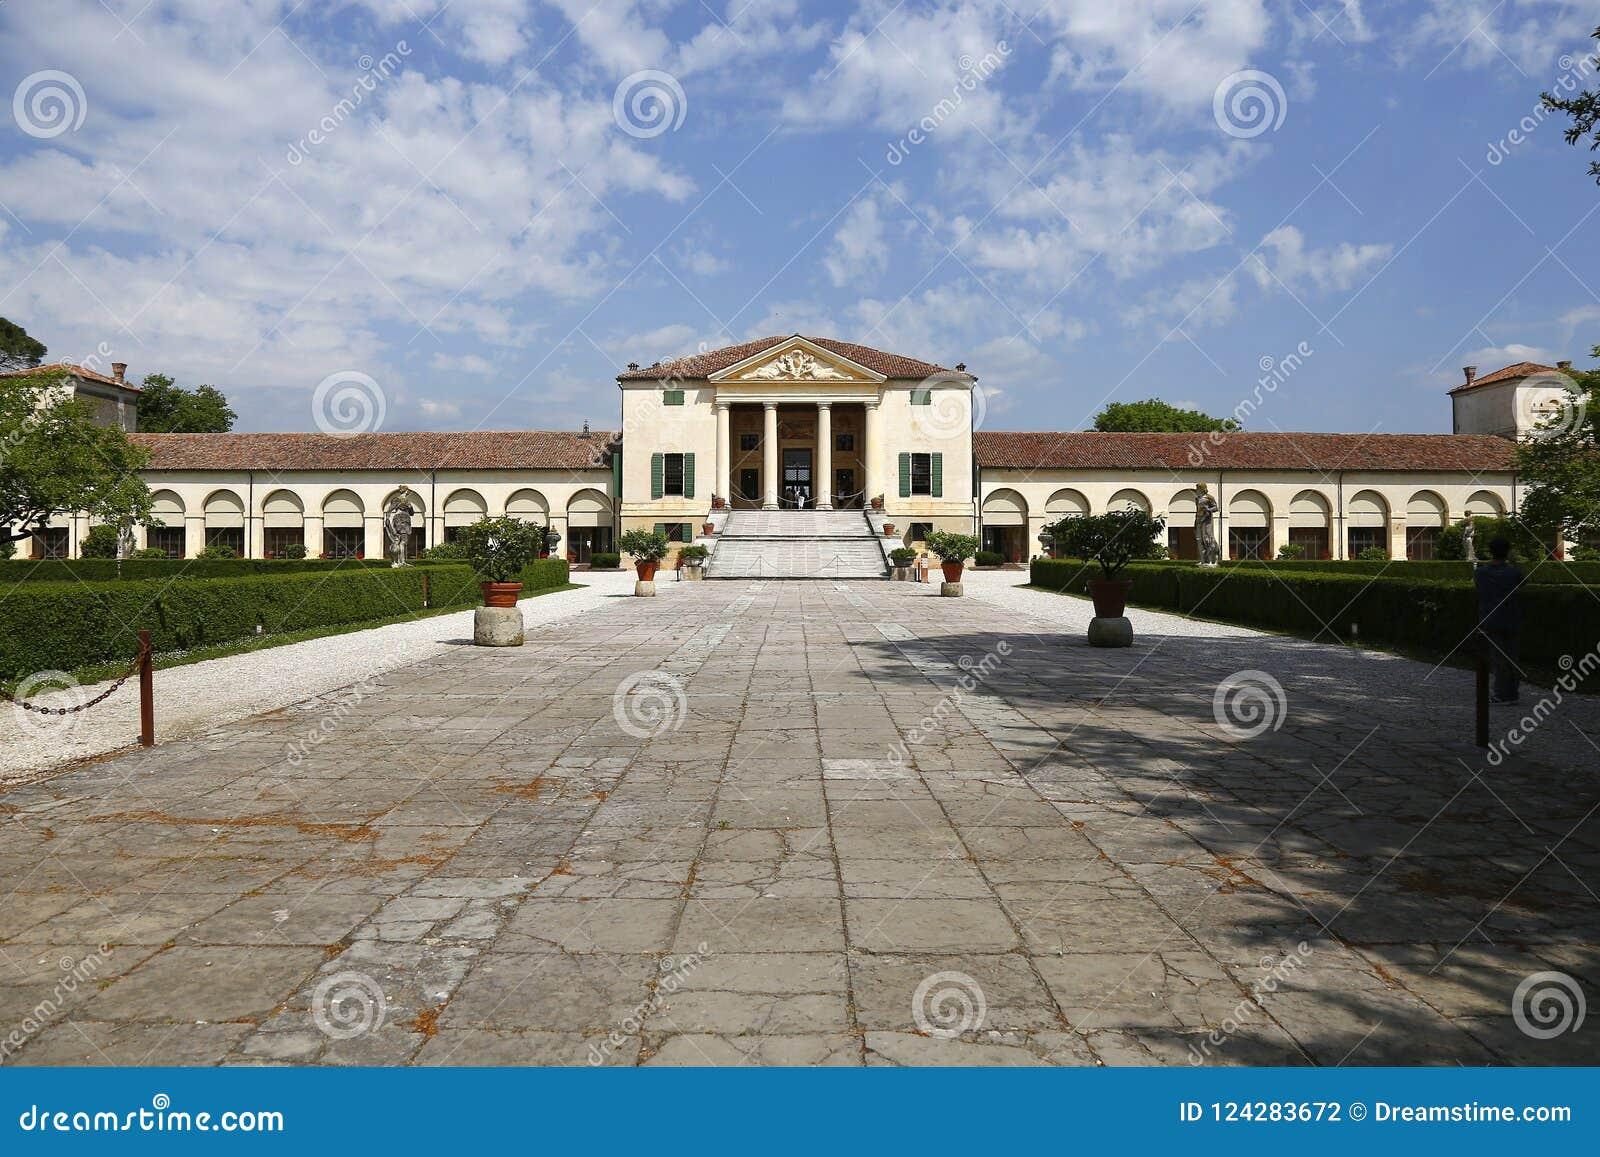 Villa Emo in Italy